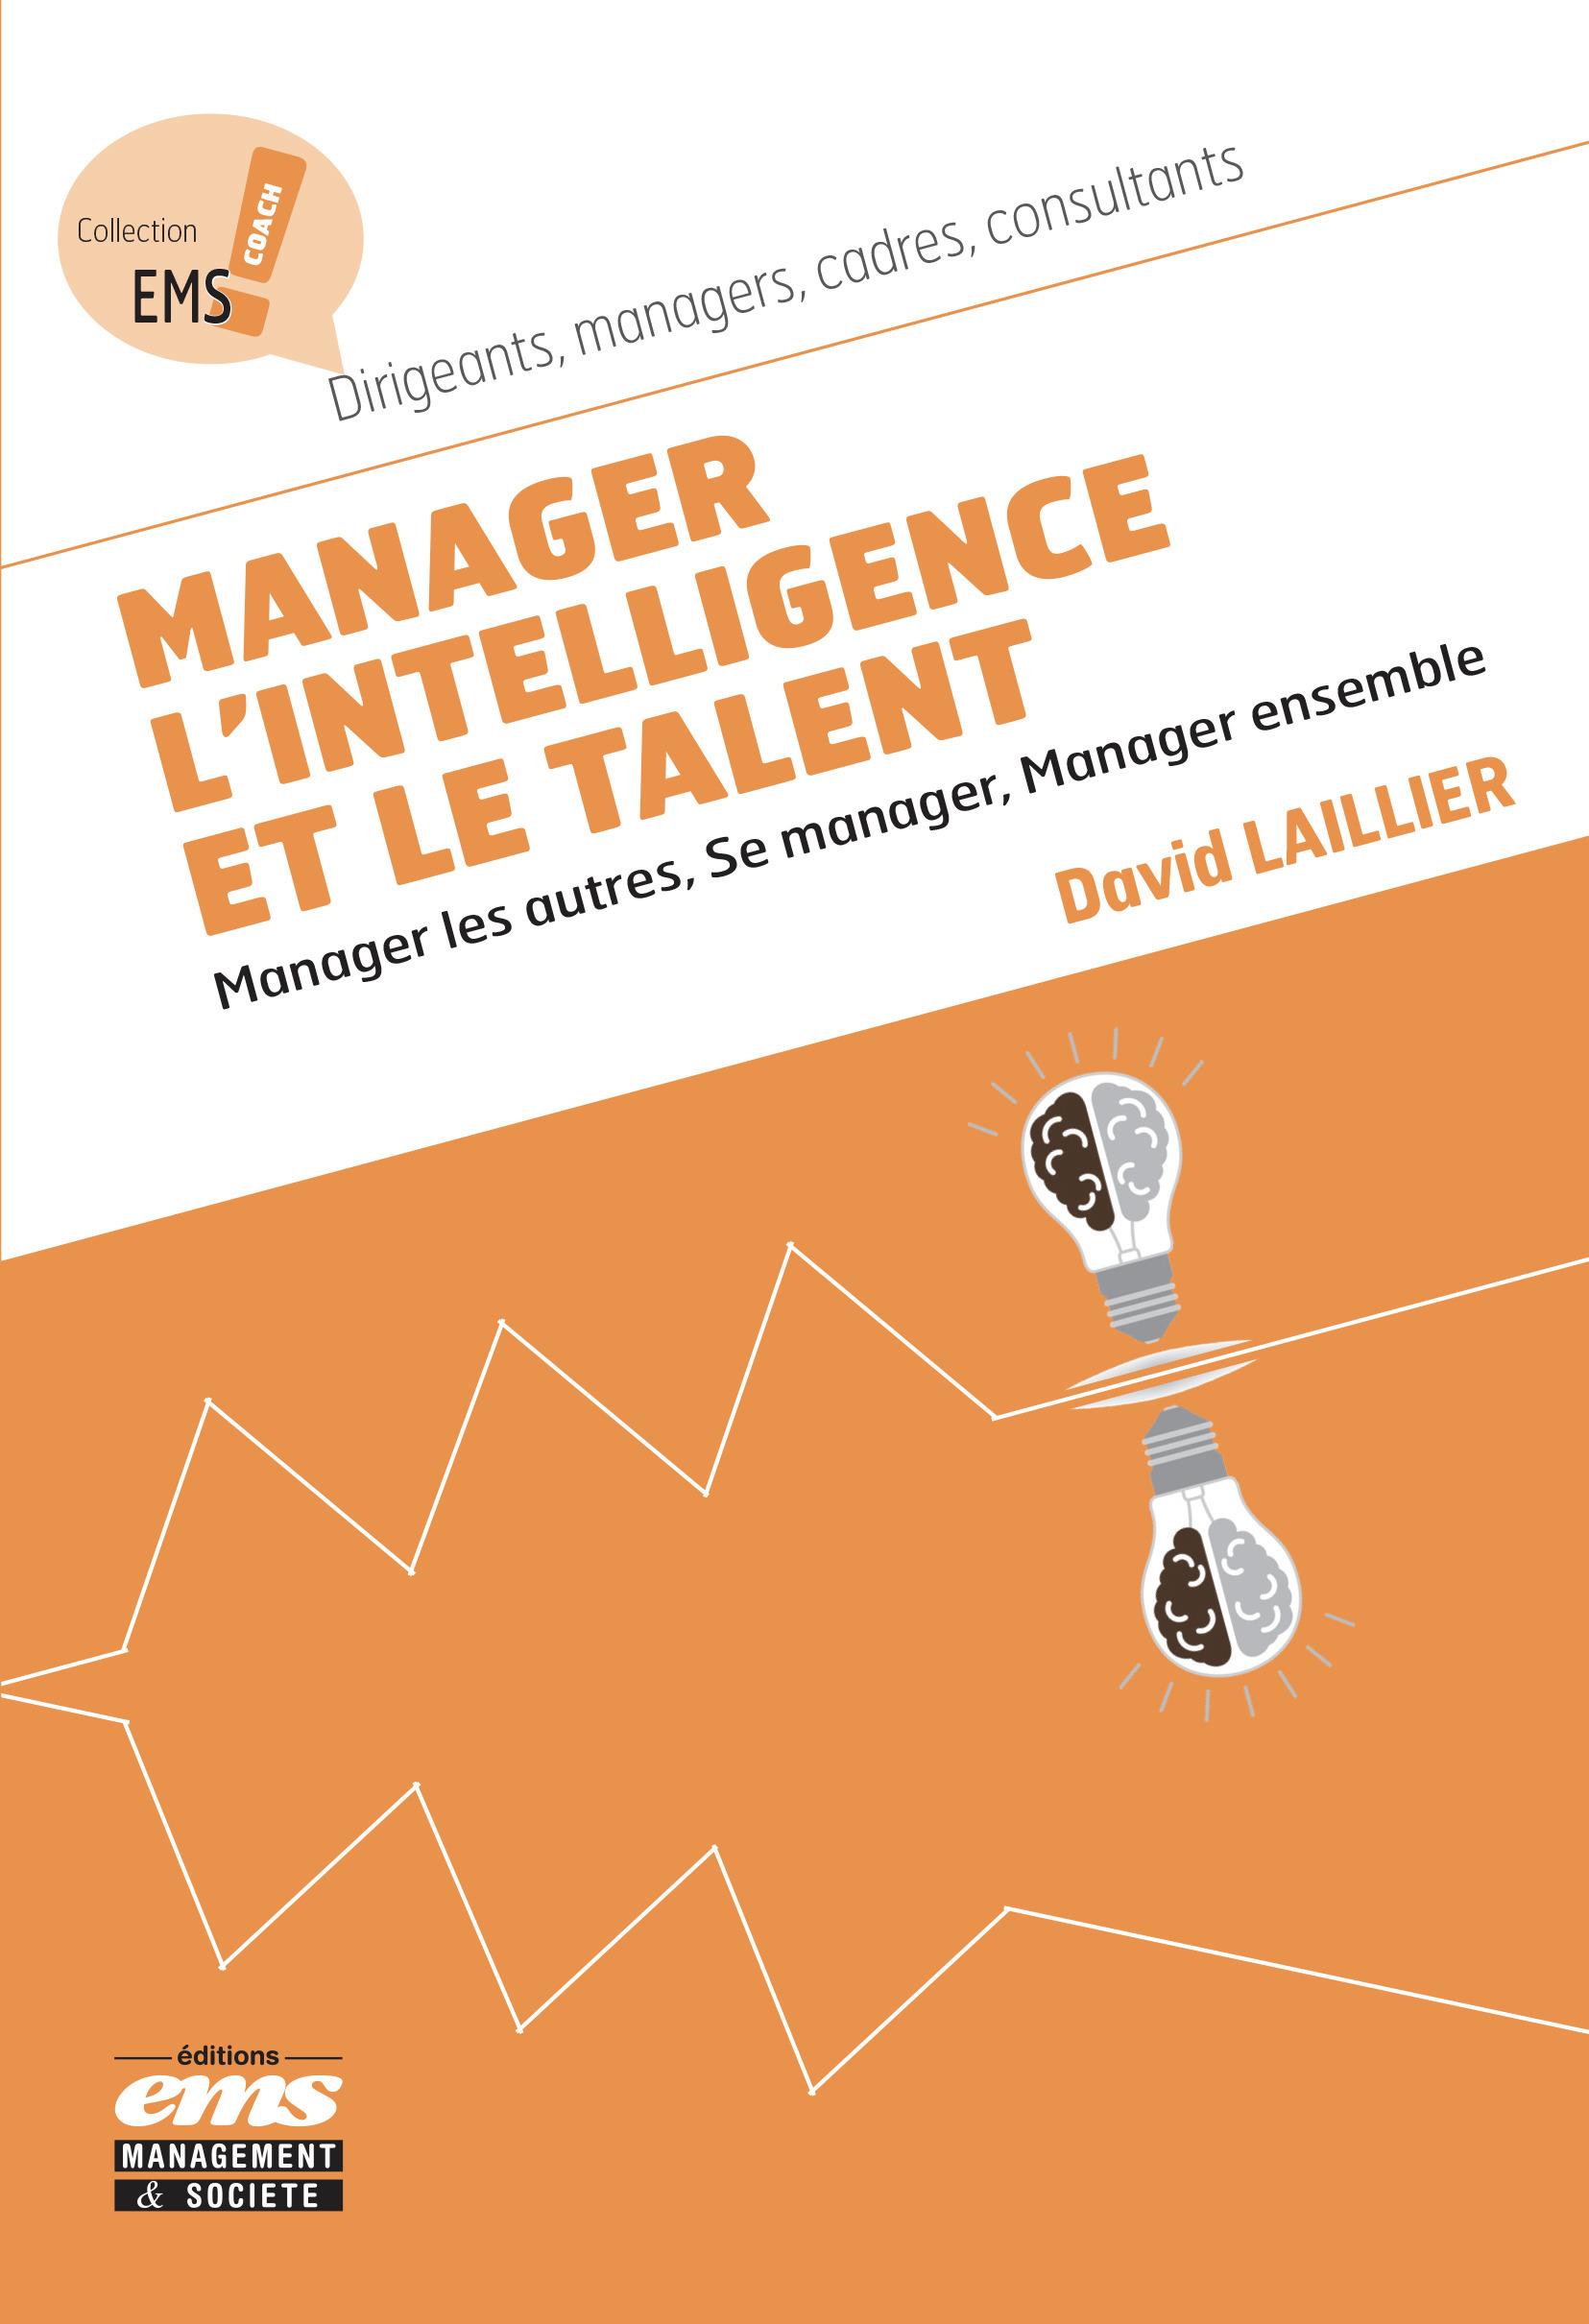 Manager l'intelligence et le talent ; manager les autres, se manager; manager ensemble